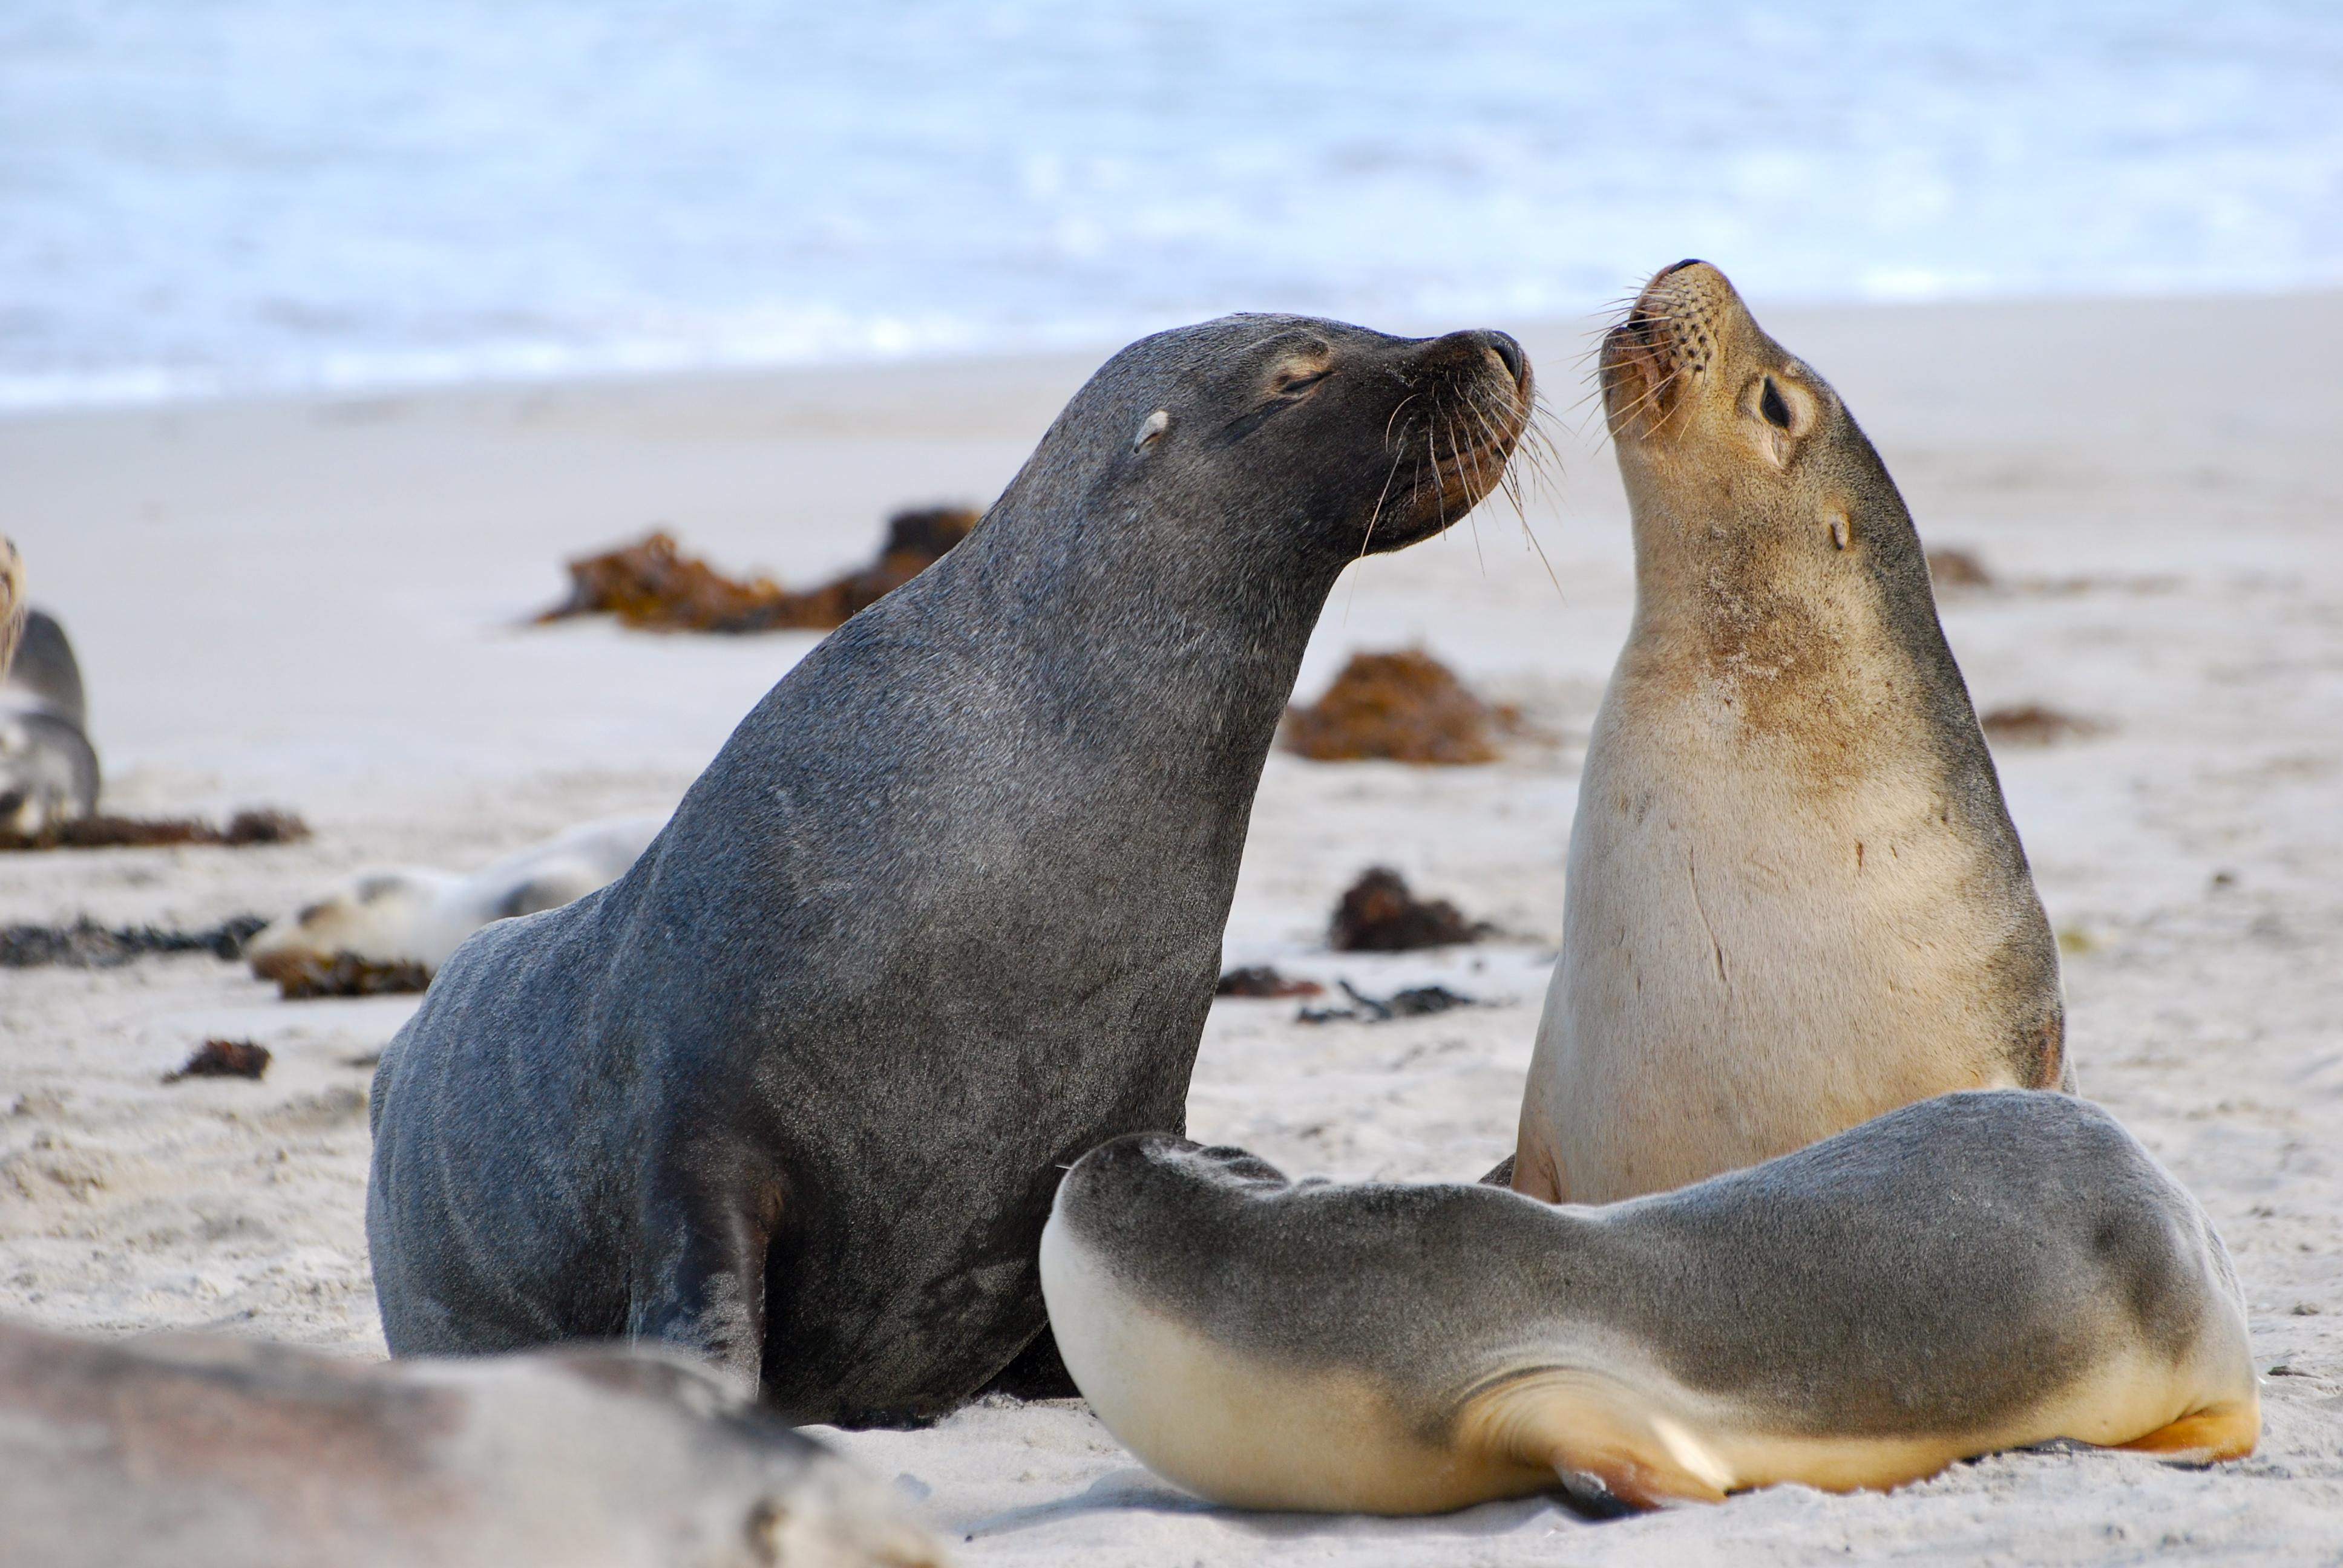 Sea lions on Kangaroo Island, Australia